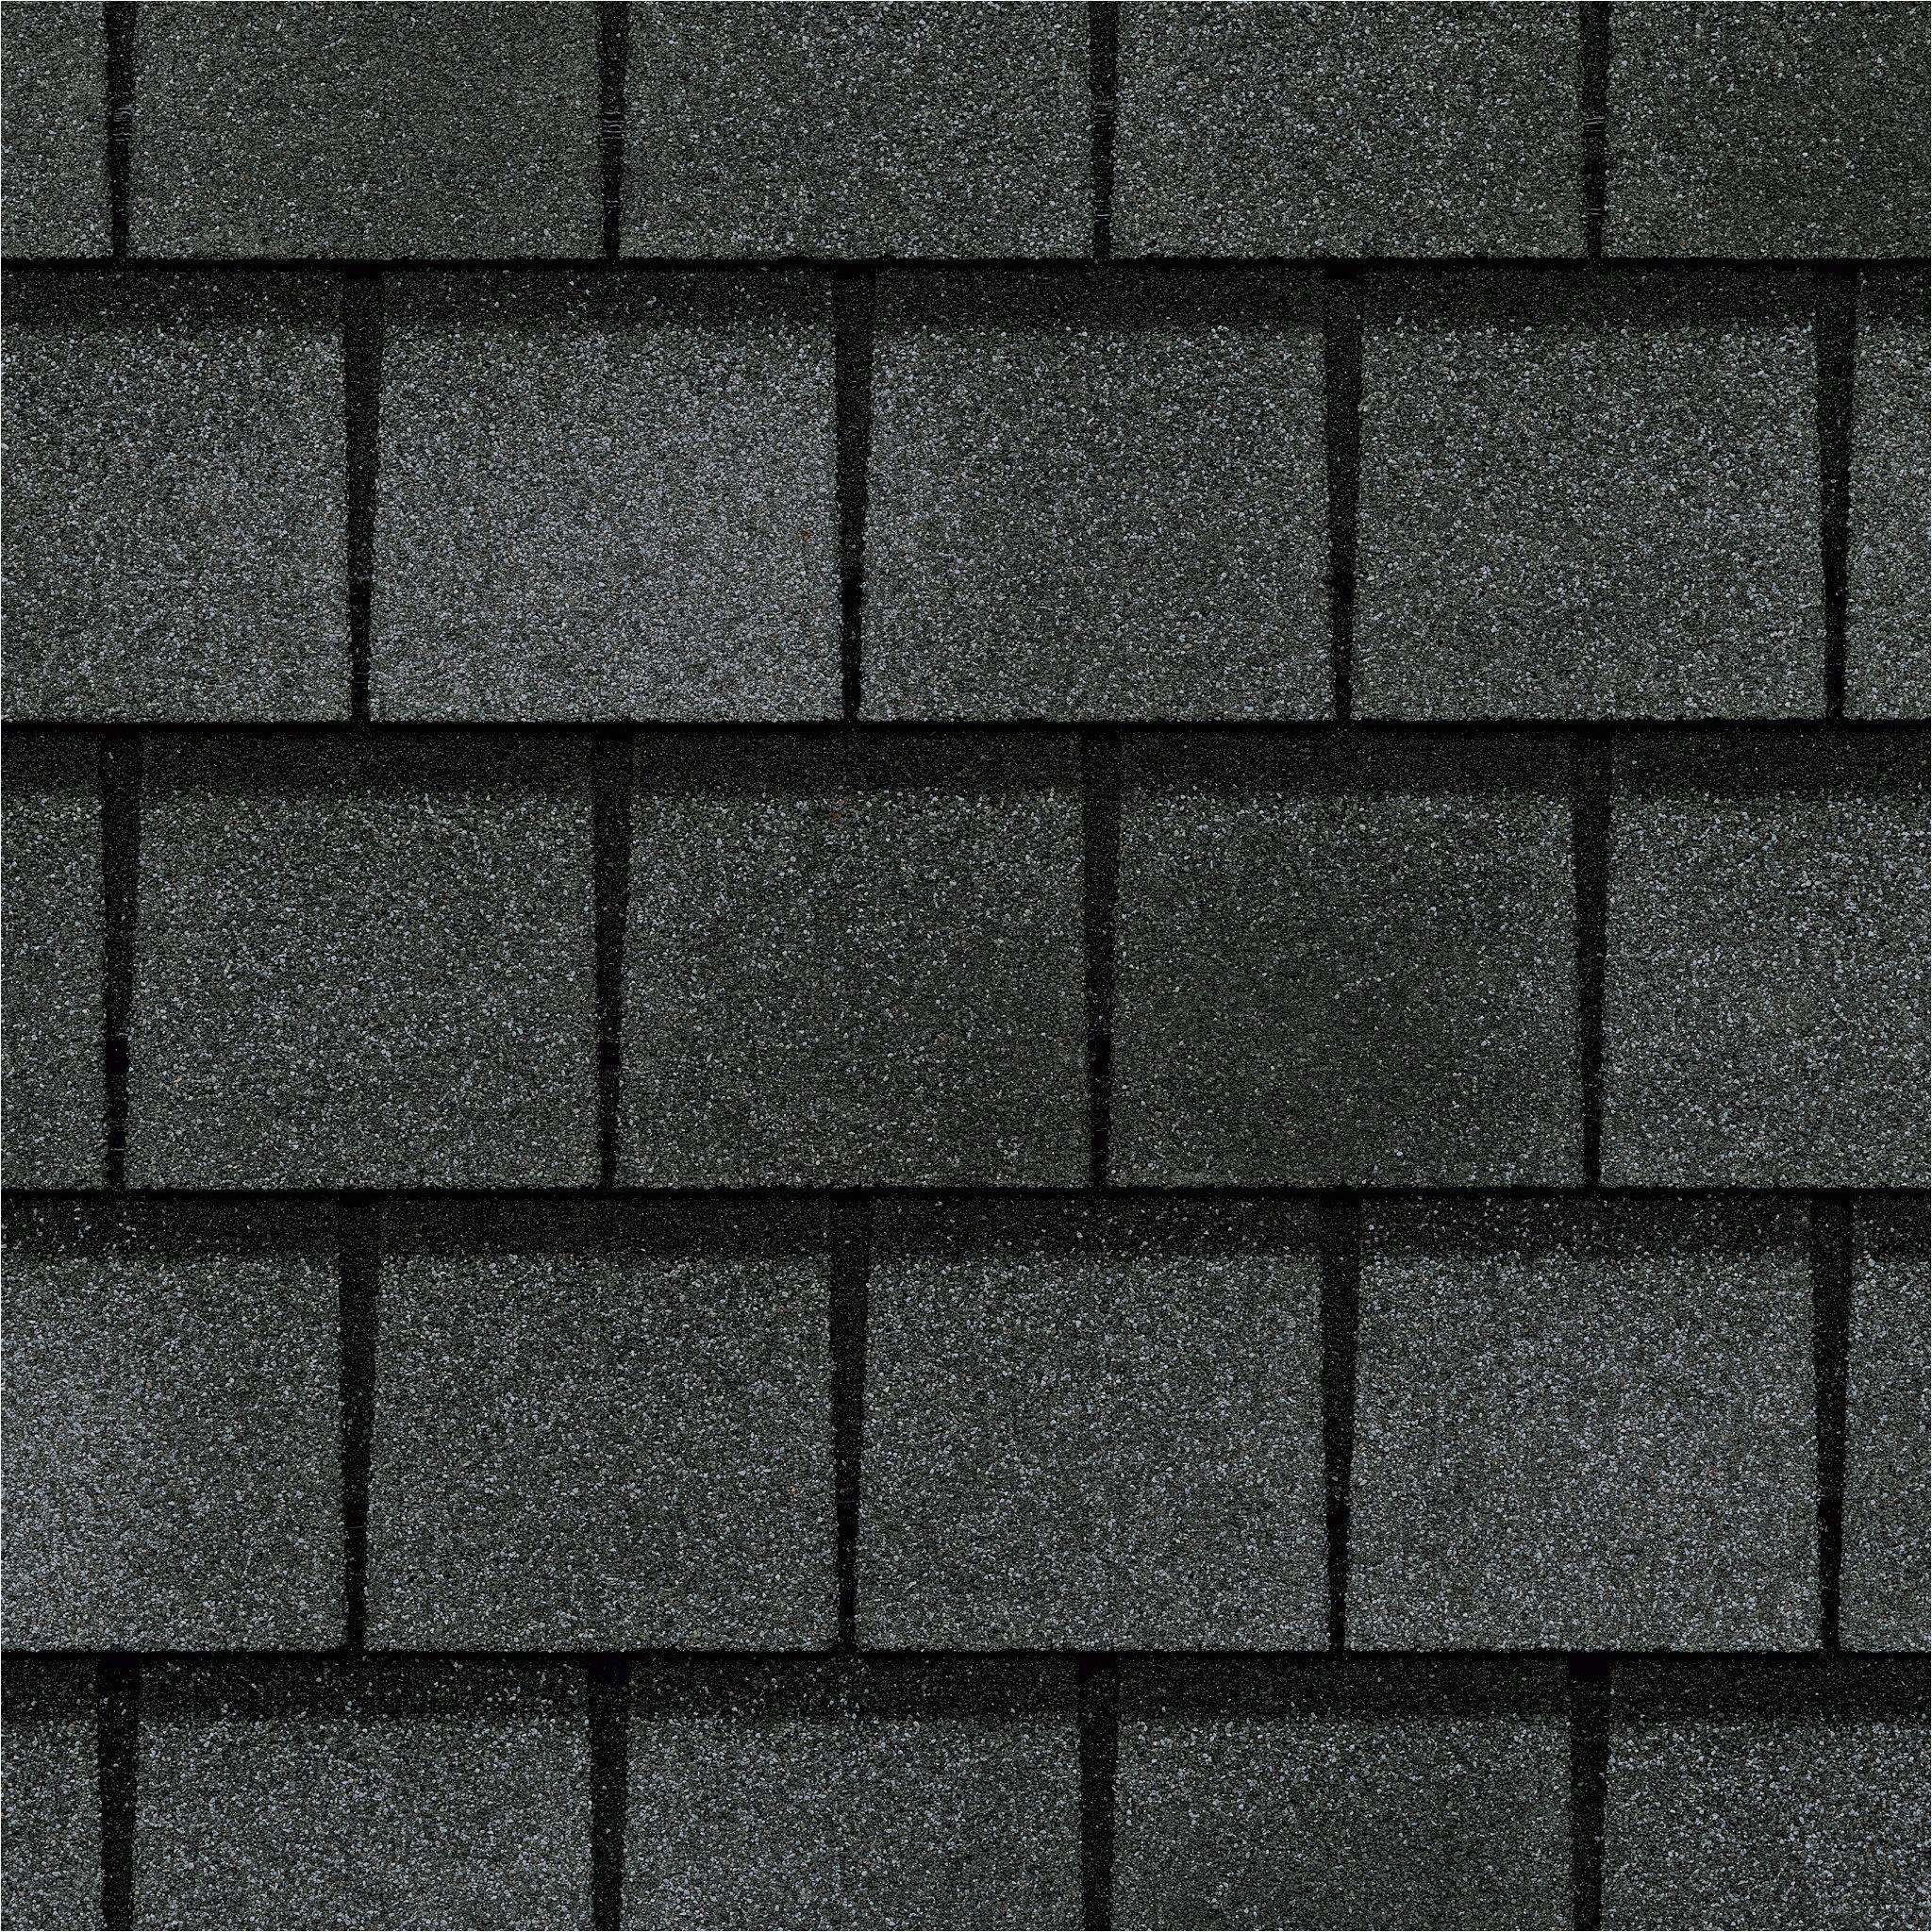 Gaf Royal sovereign Color Chart 11 Best Slateline Images Residential Roofing asphalt Roof